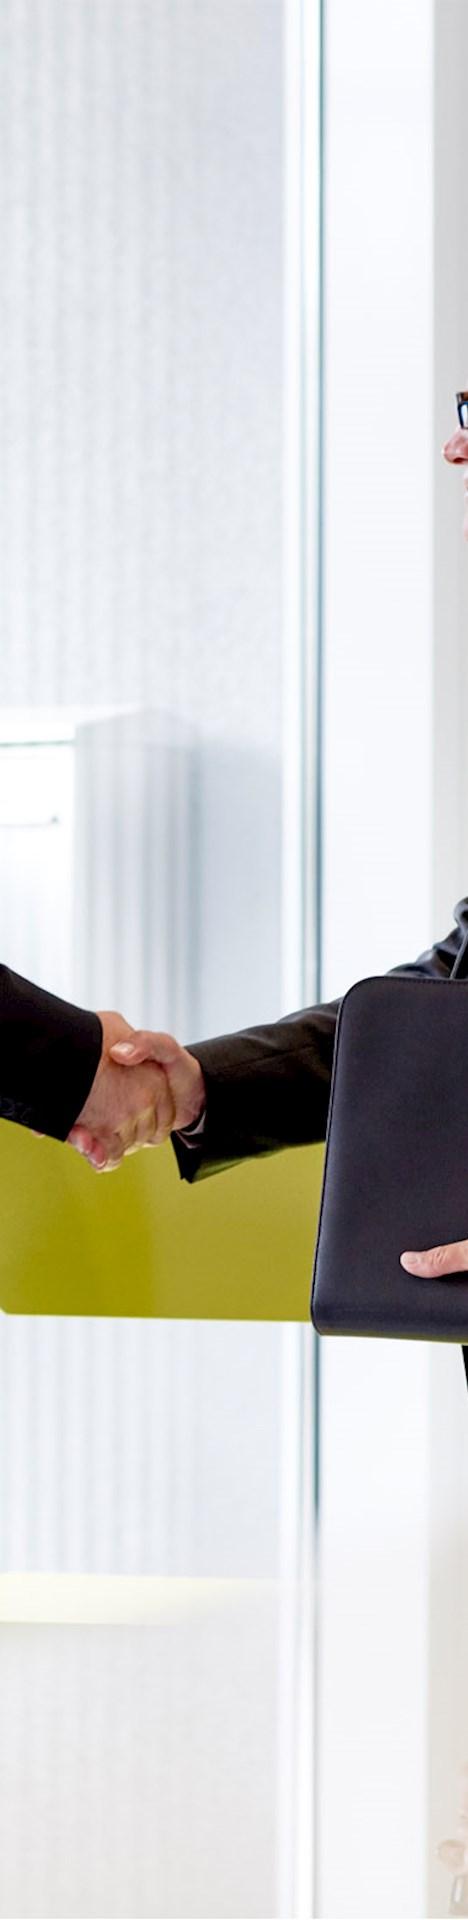 Zwei Brunel Mitarbeiter im Einstellungsgespräch